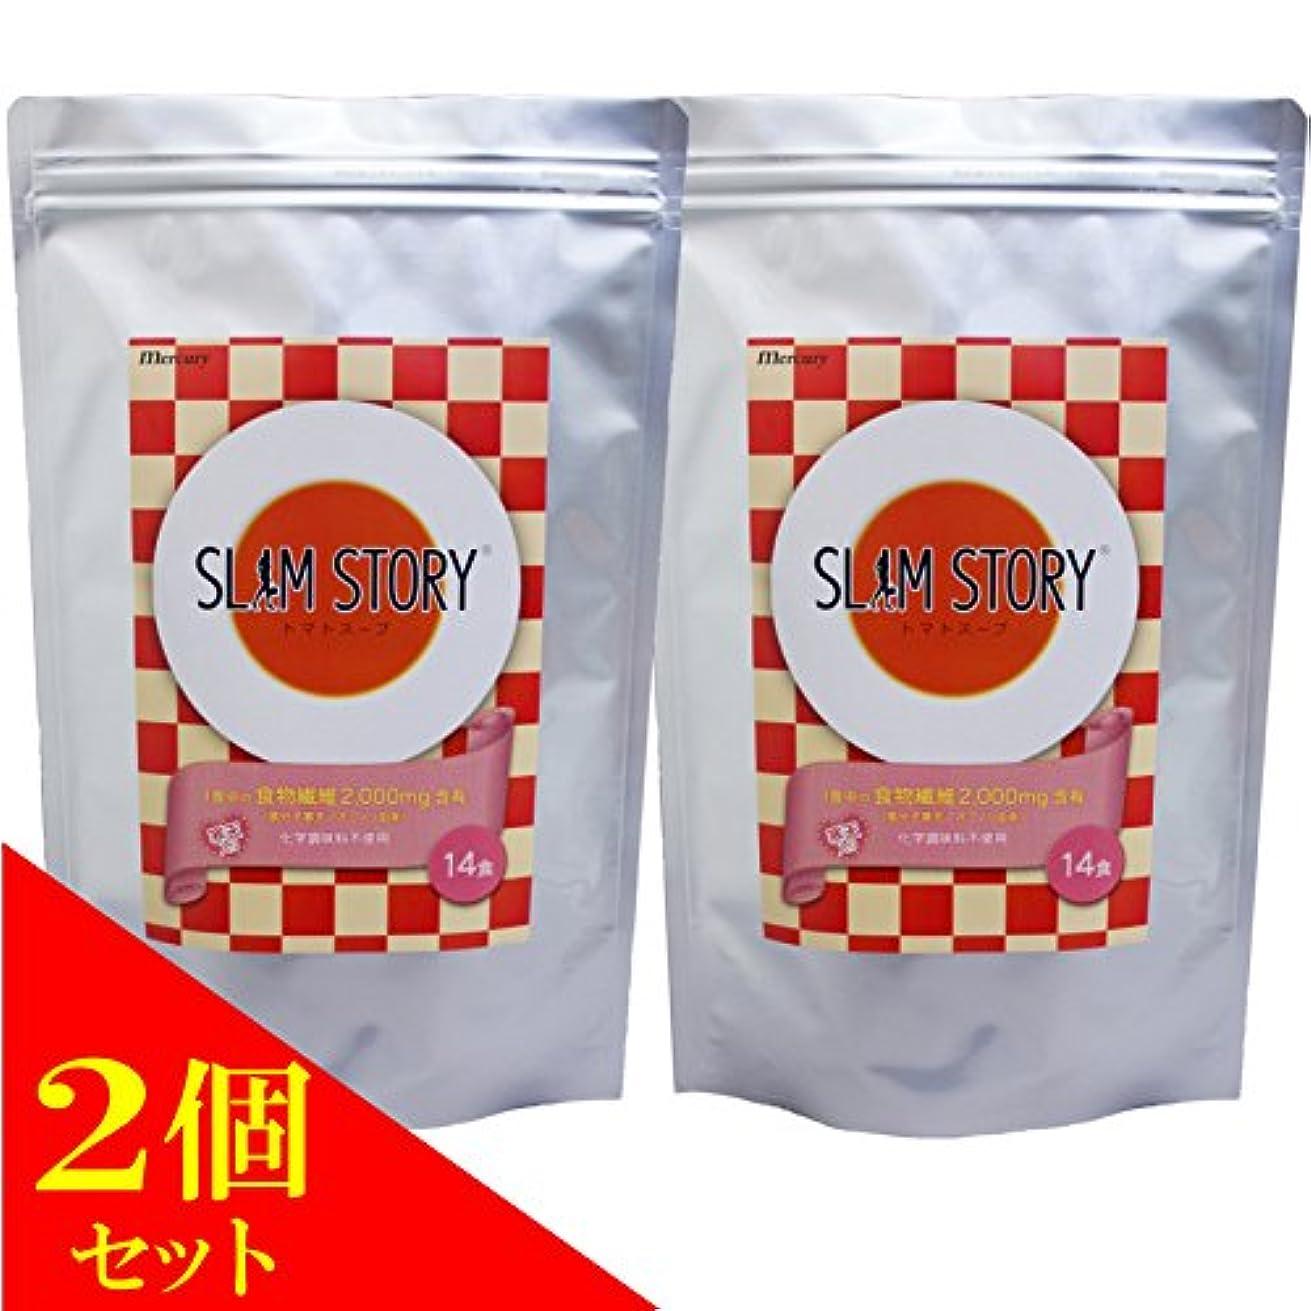 嵐が丘提案モザイク(2個) マーキュリー SLIM STORY トマトスープ 14食×2袋セット/化学調味料 不使用(4947041155022)